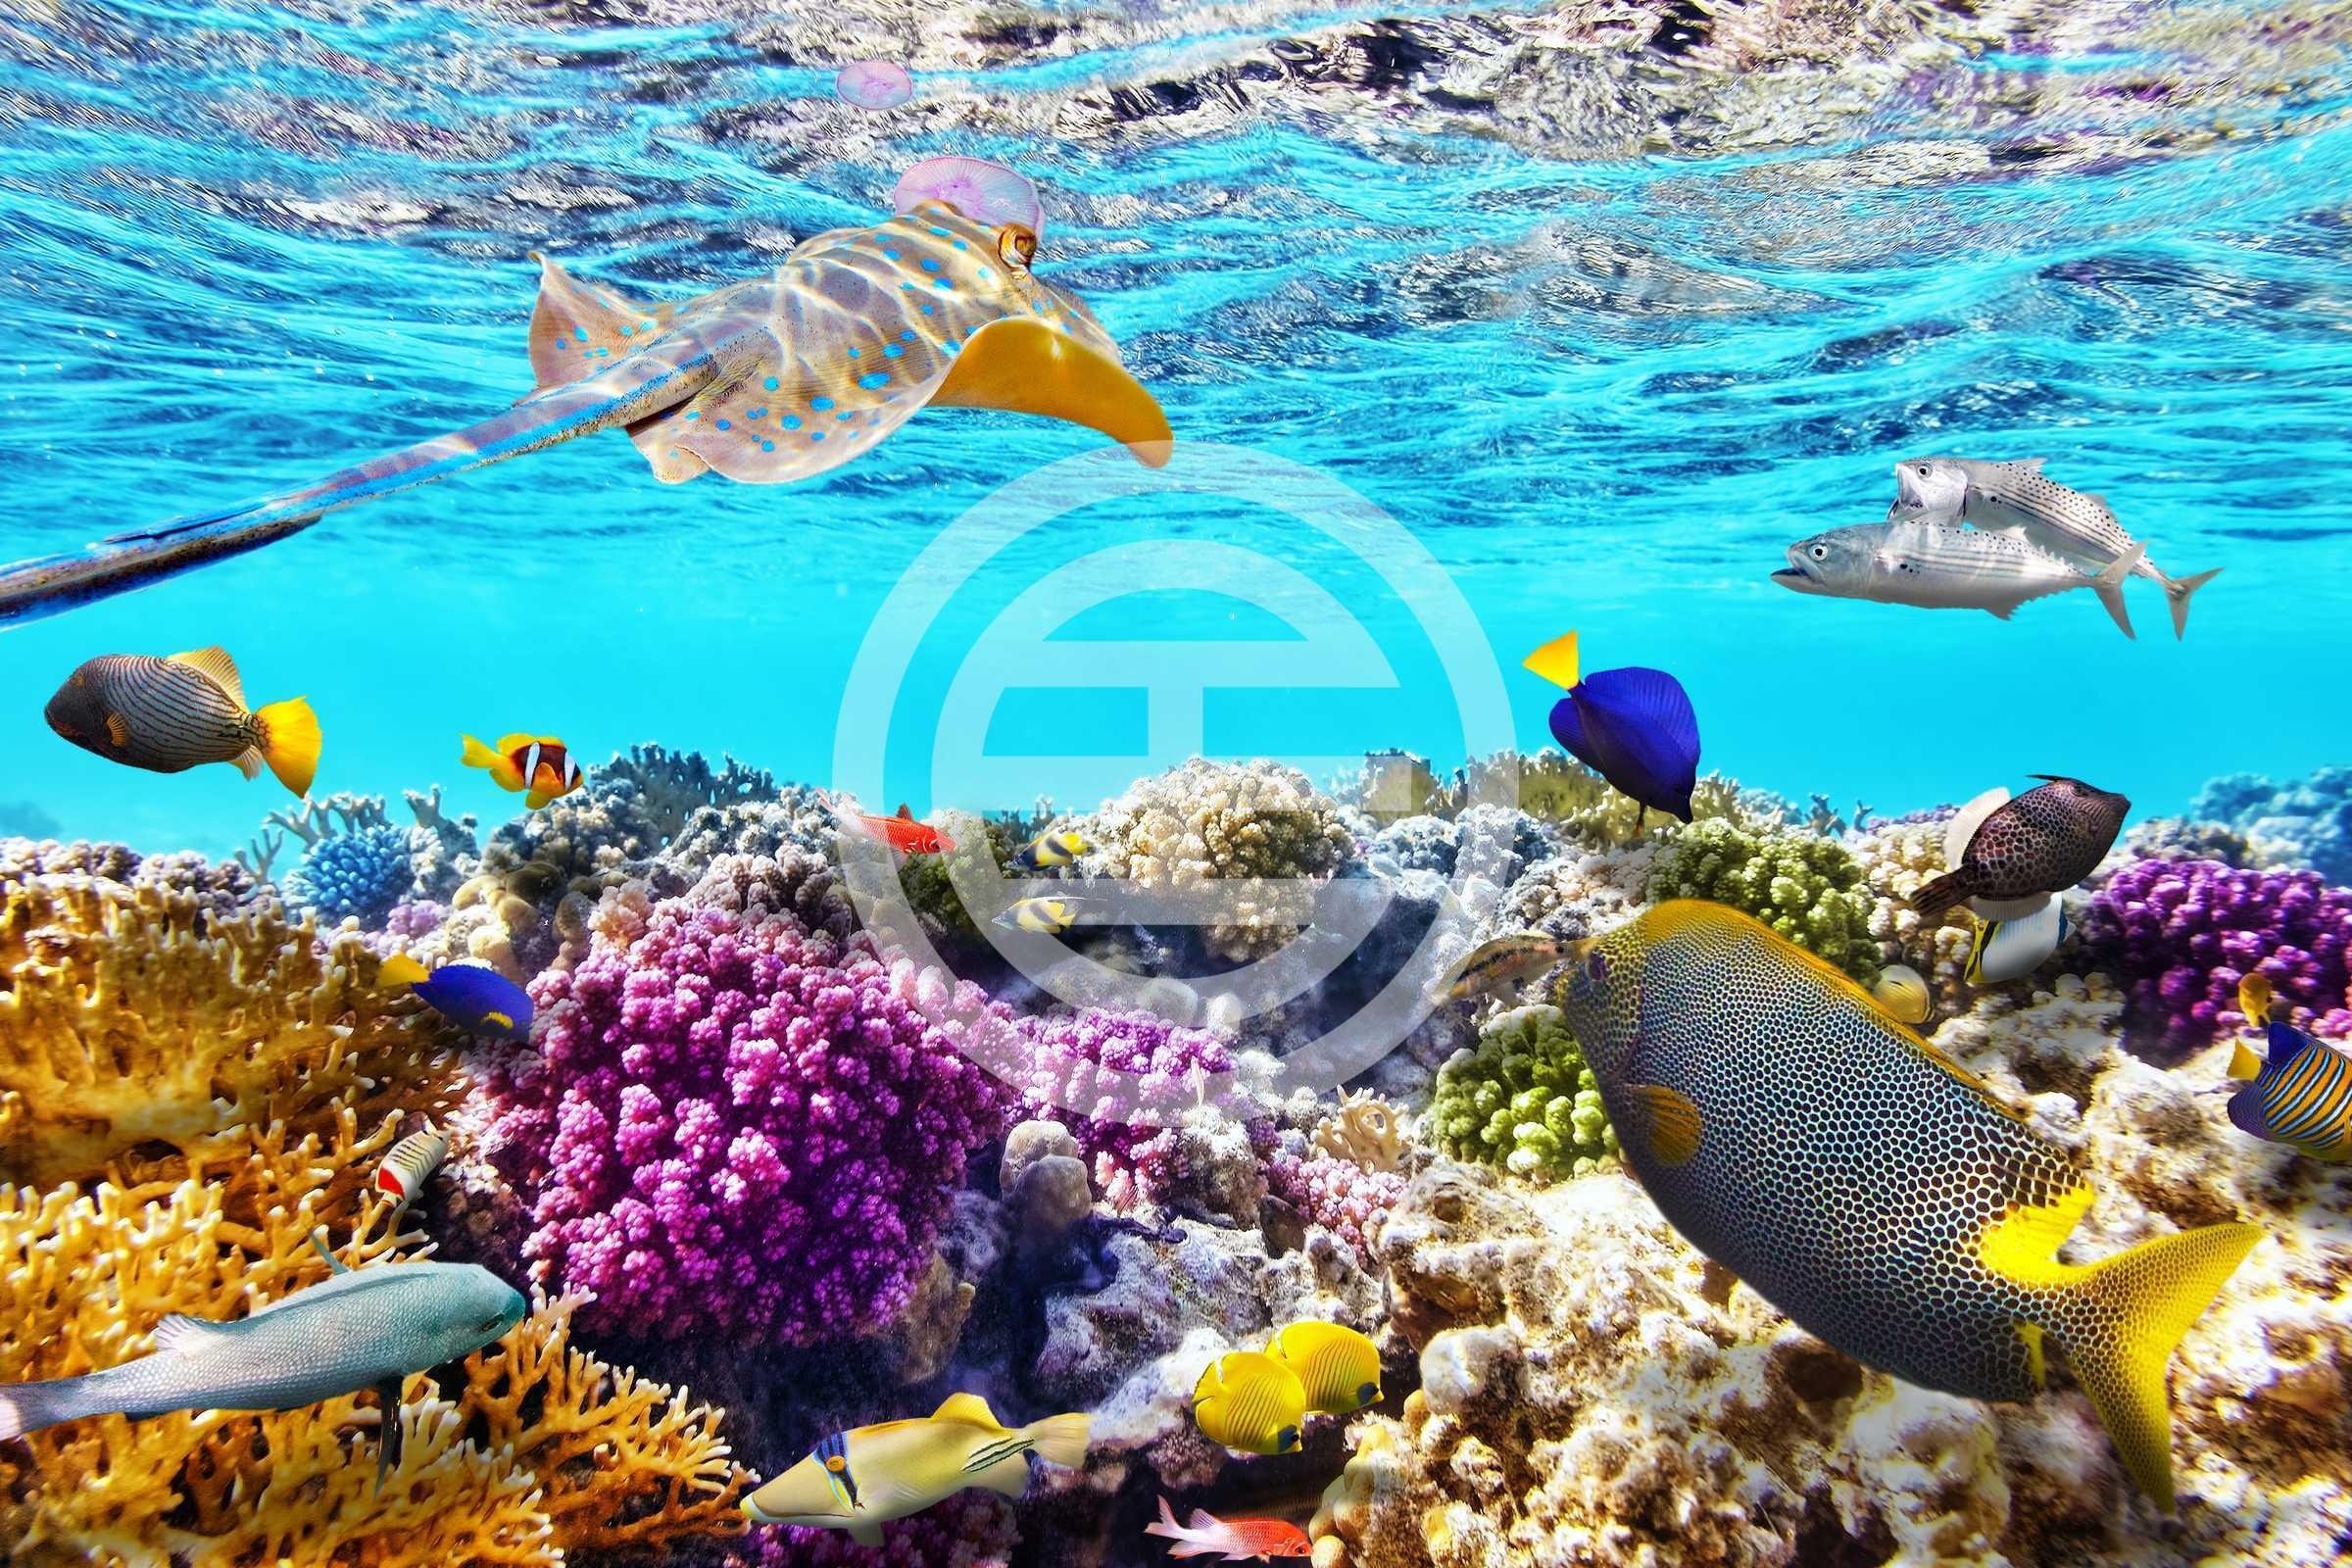 凯恩斯紧邻著大堡礁,是游览世界上最大活体珊瑚礁群的最佳路线